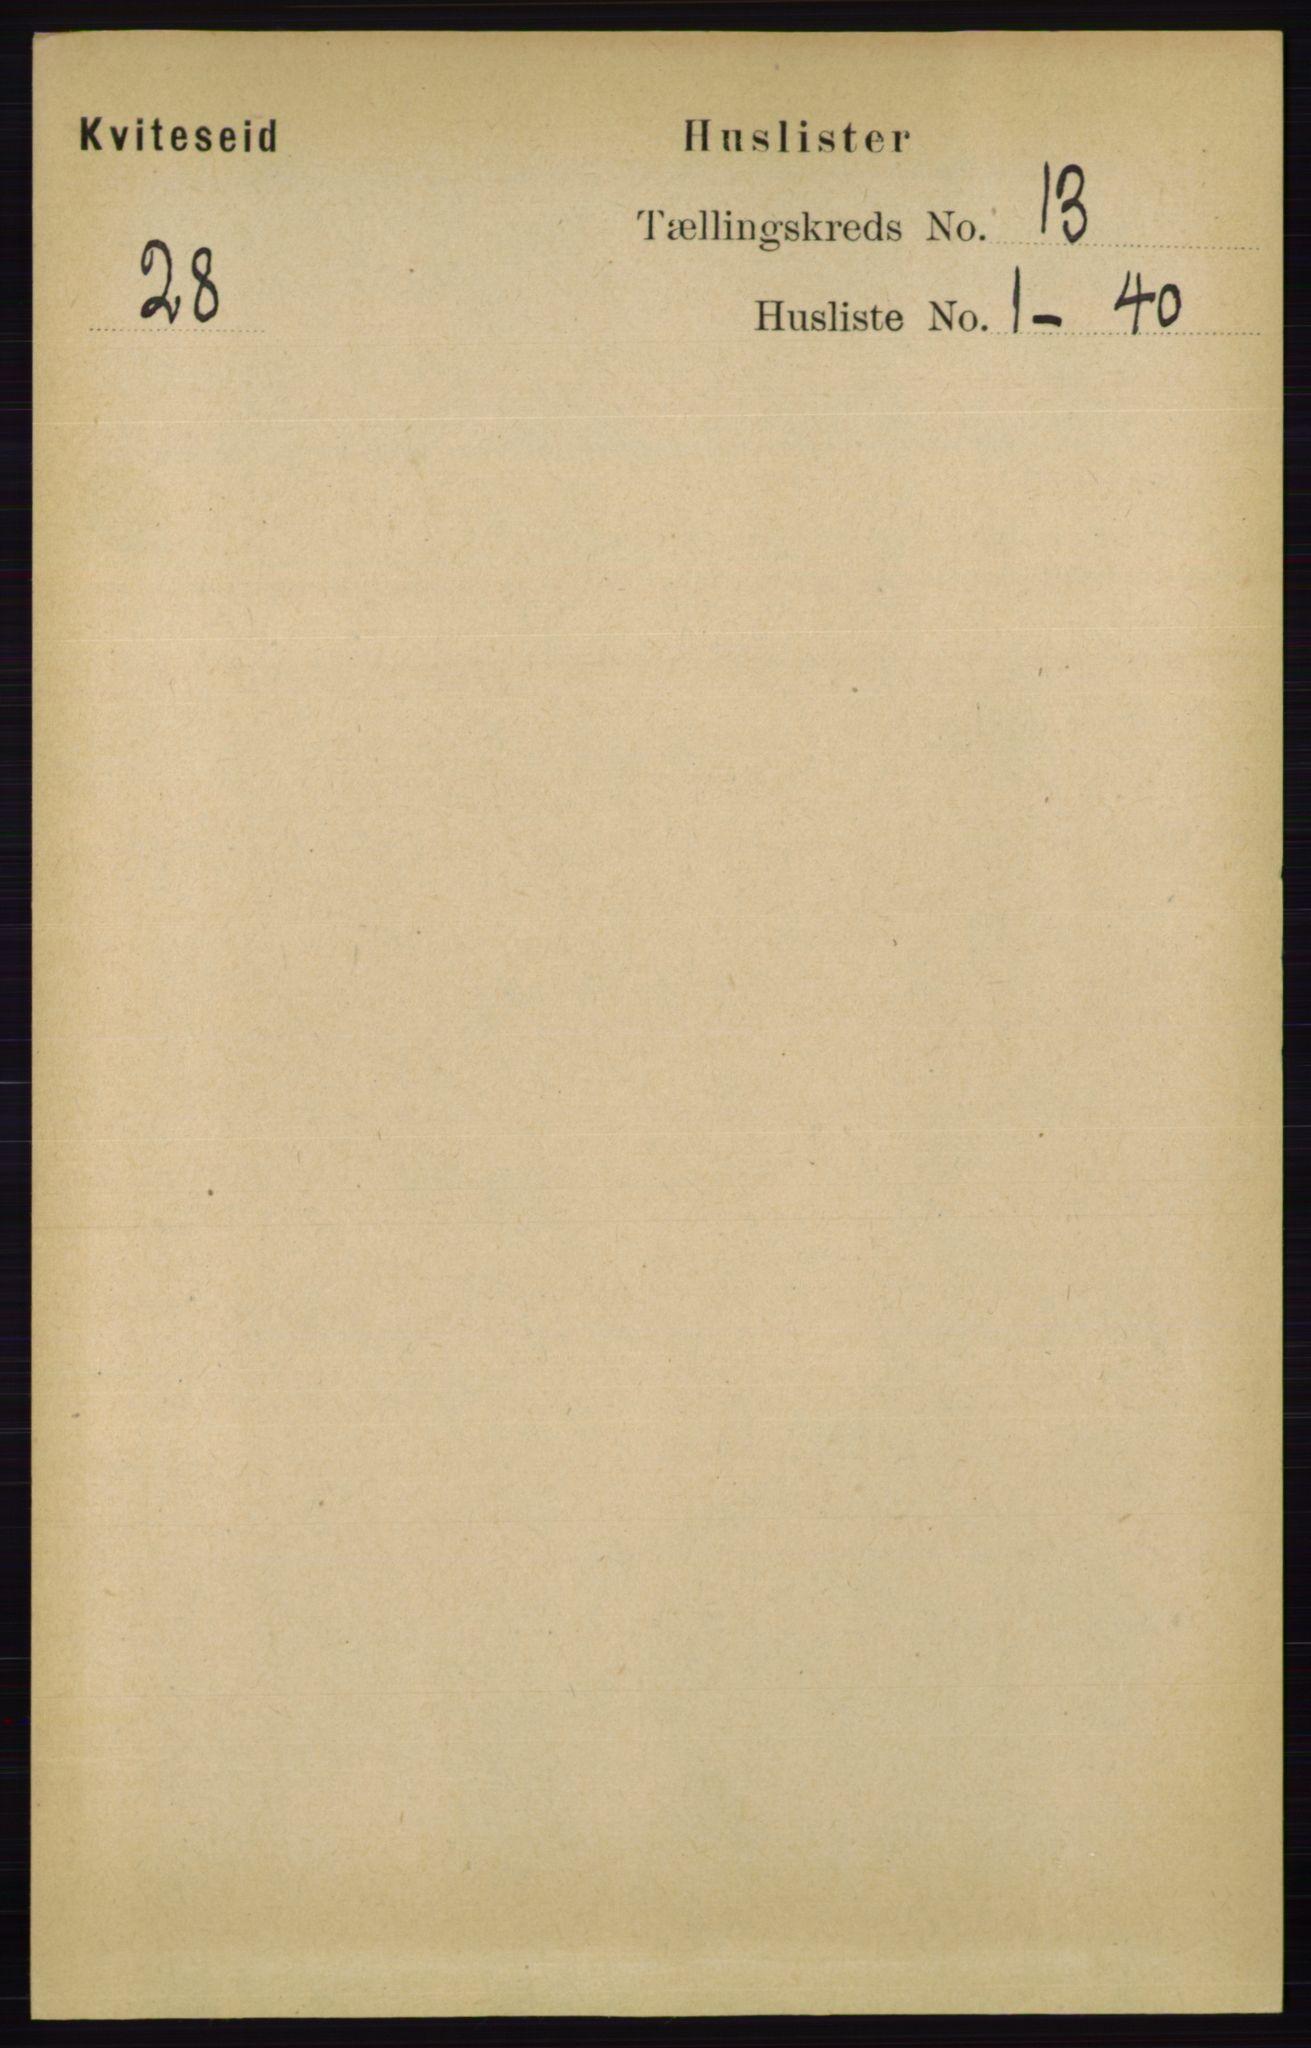 RA, Folketelling 1891 for 0829 Kviteseid herred, 1891, s. 3039